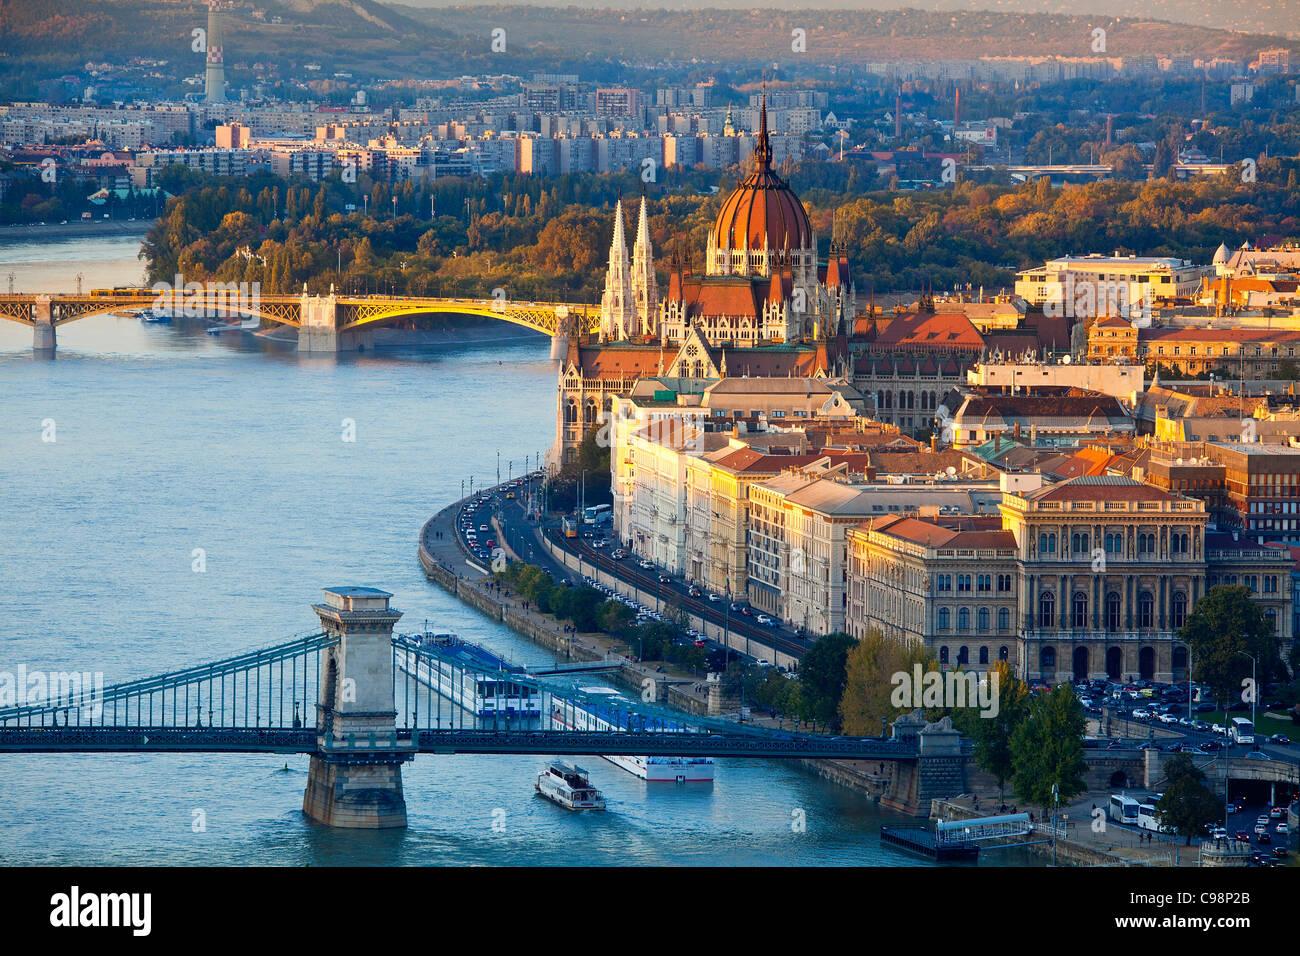 Budapest, cadena de puente sobre el río Danubio y el edificio del Parlamento húngaro Foto de stock